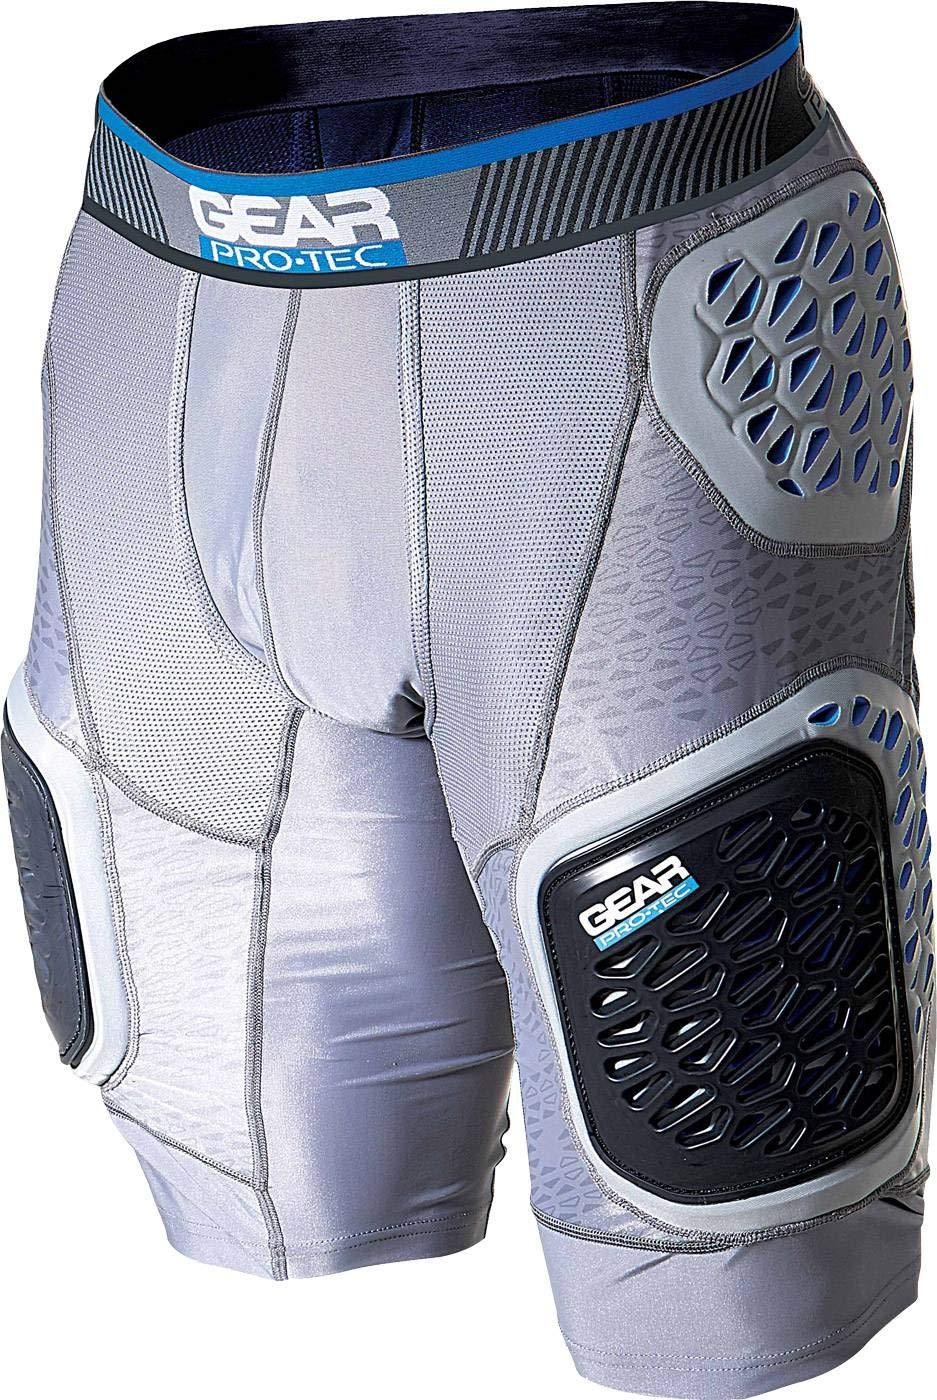 Gear Pro - TecエッジPro 5-pad Adult Footballガードル B0731R8RW1   Large